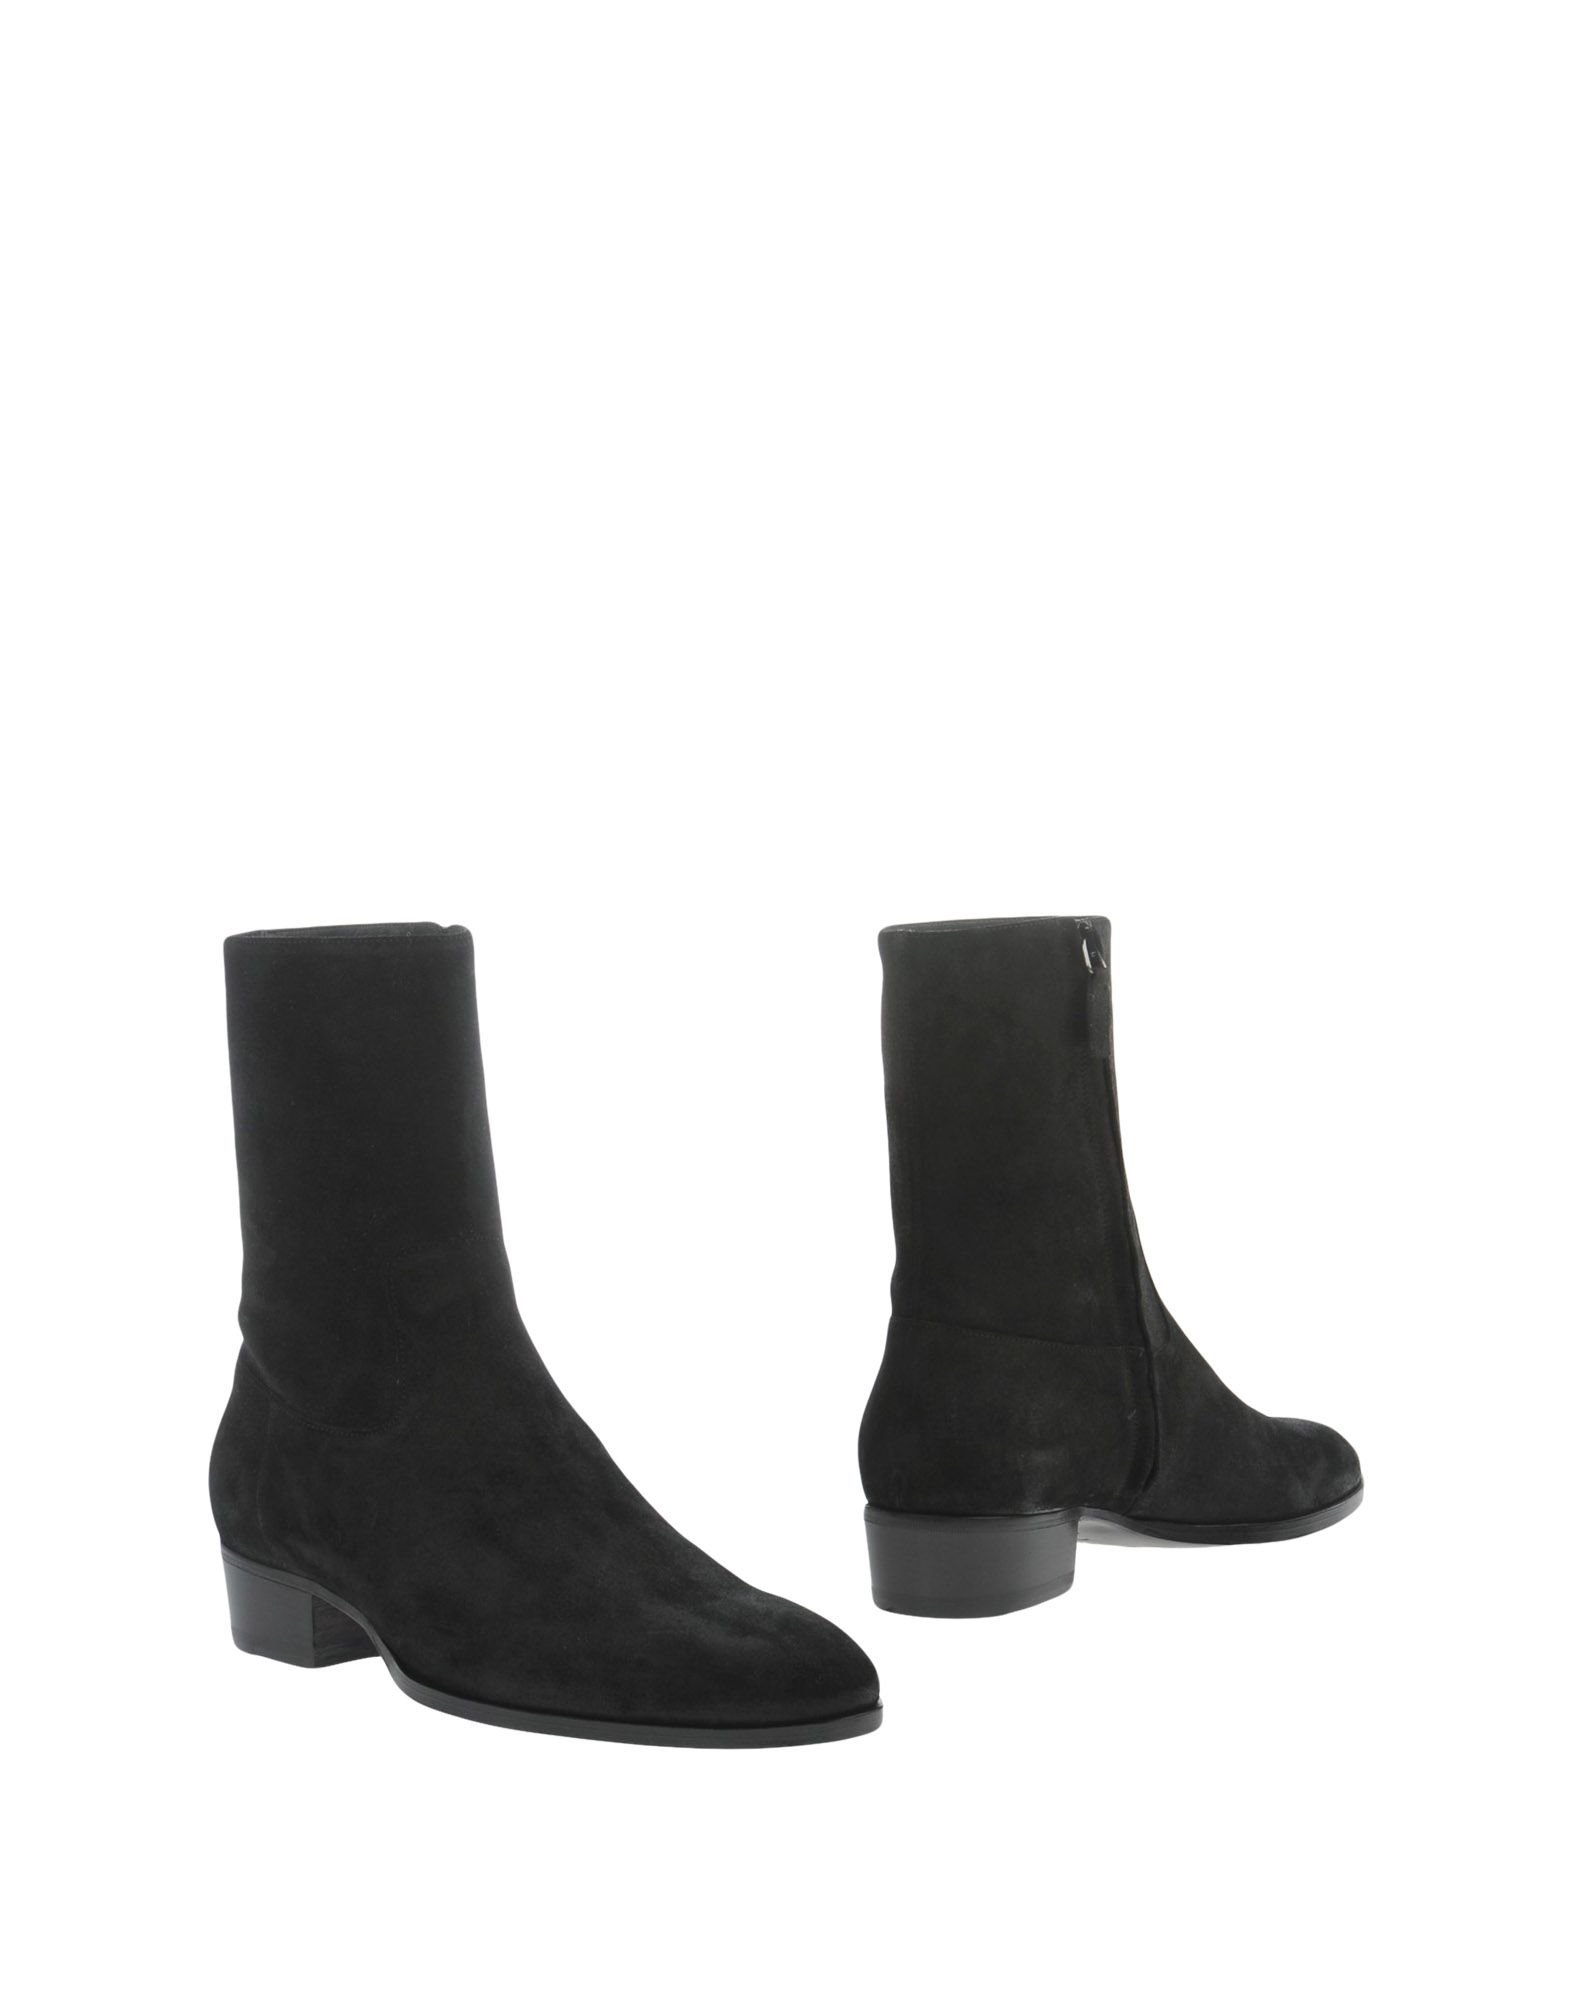 Barbanera Stiefelette Herren  11327548EA Gute Qualität beliebte Schuhe